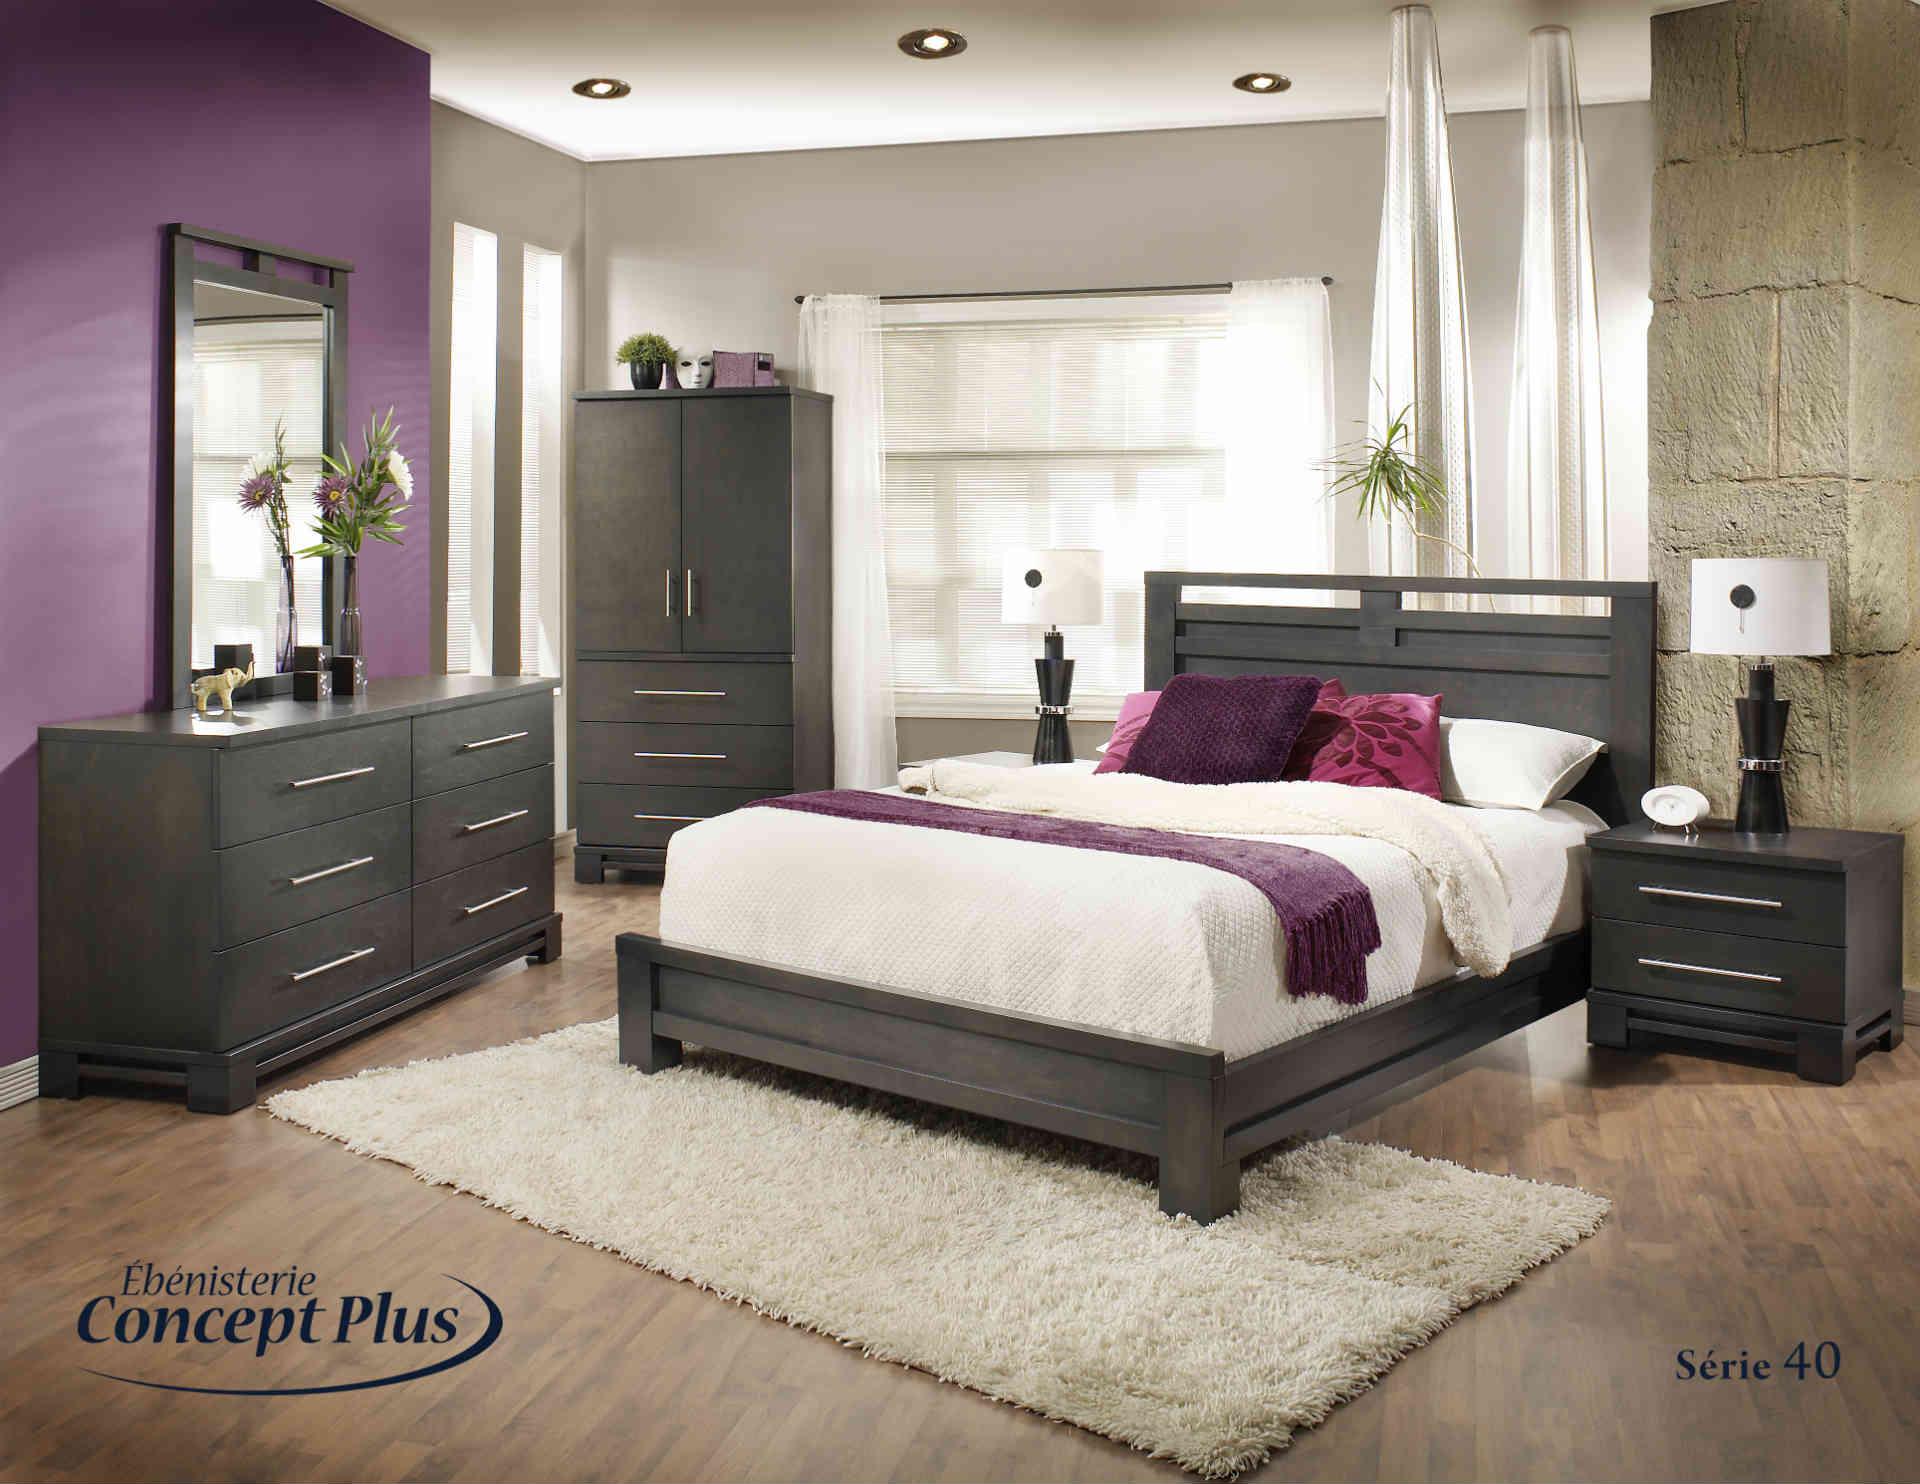 meubles pour chambre a coucher bibliothque chambre enfant. Black Bedroom Furniture Sets. Home Design Ideas